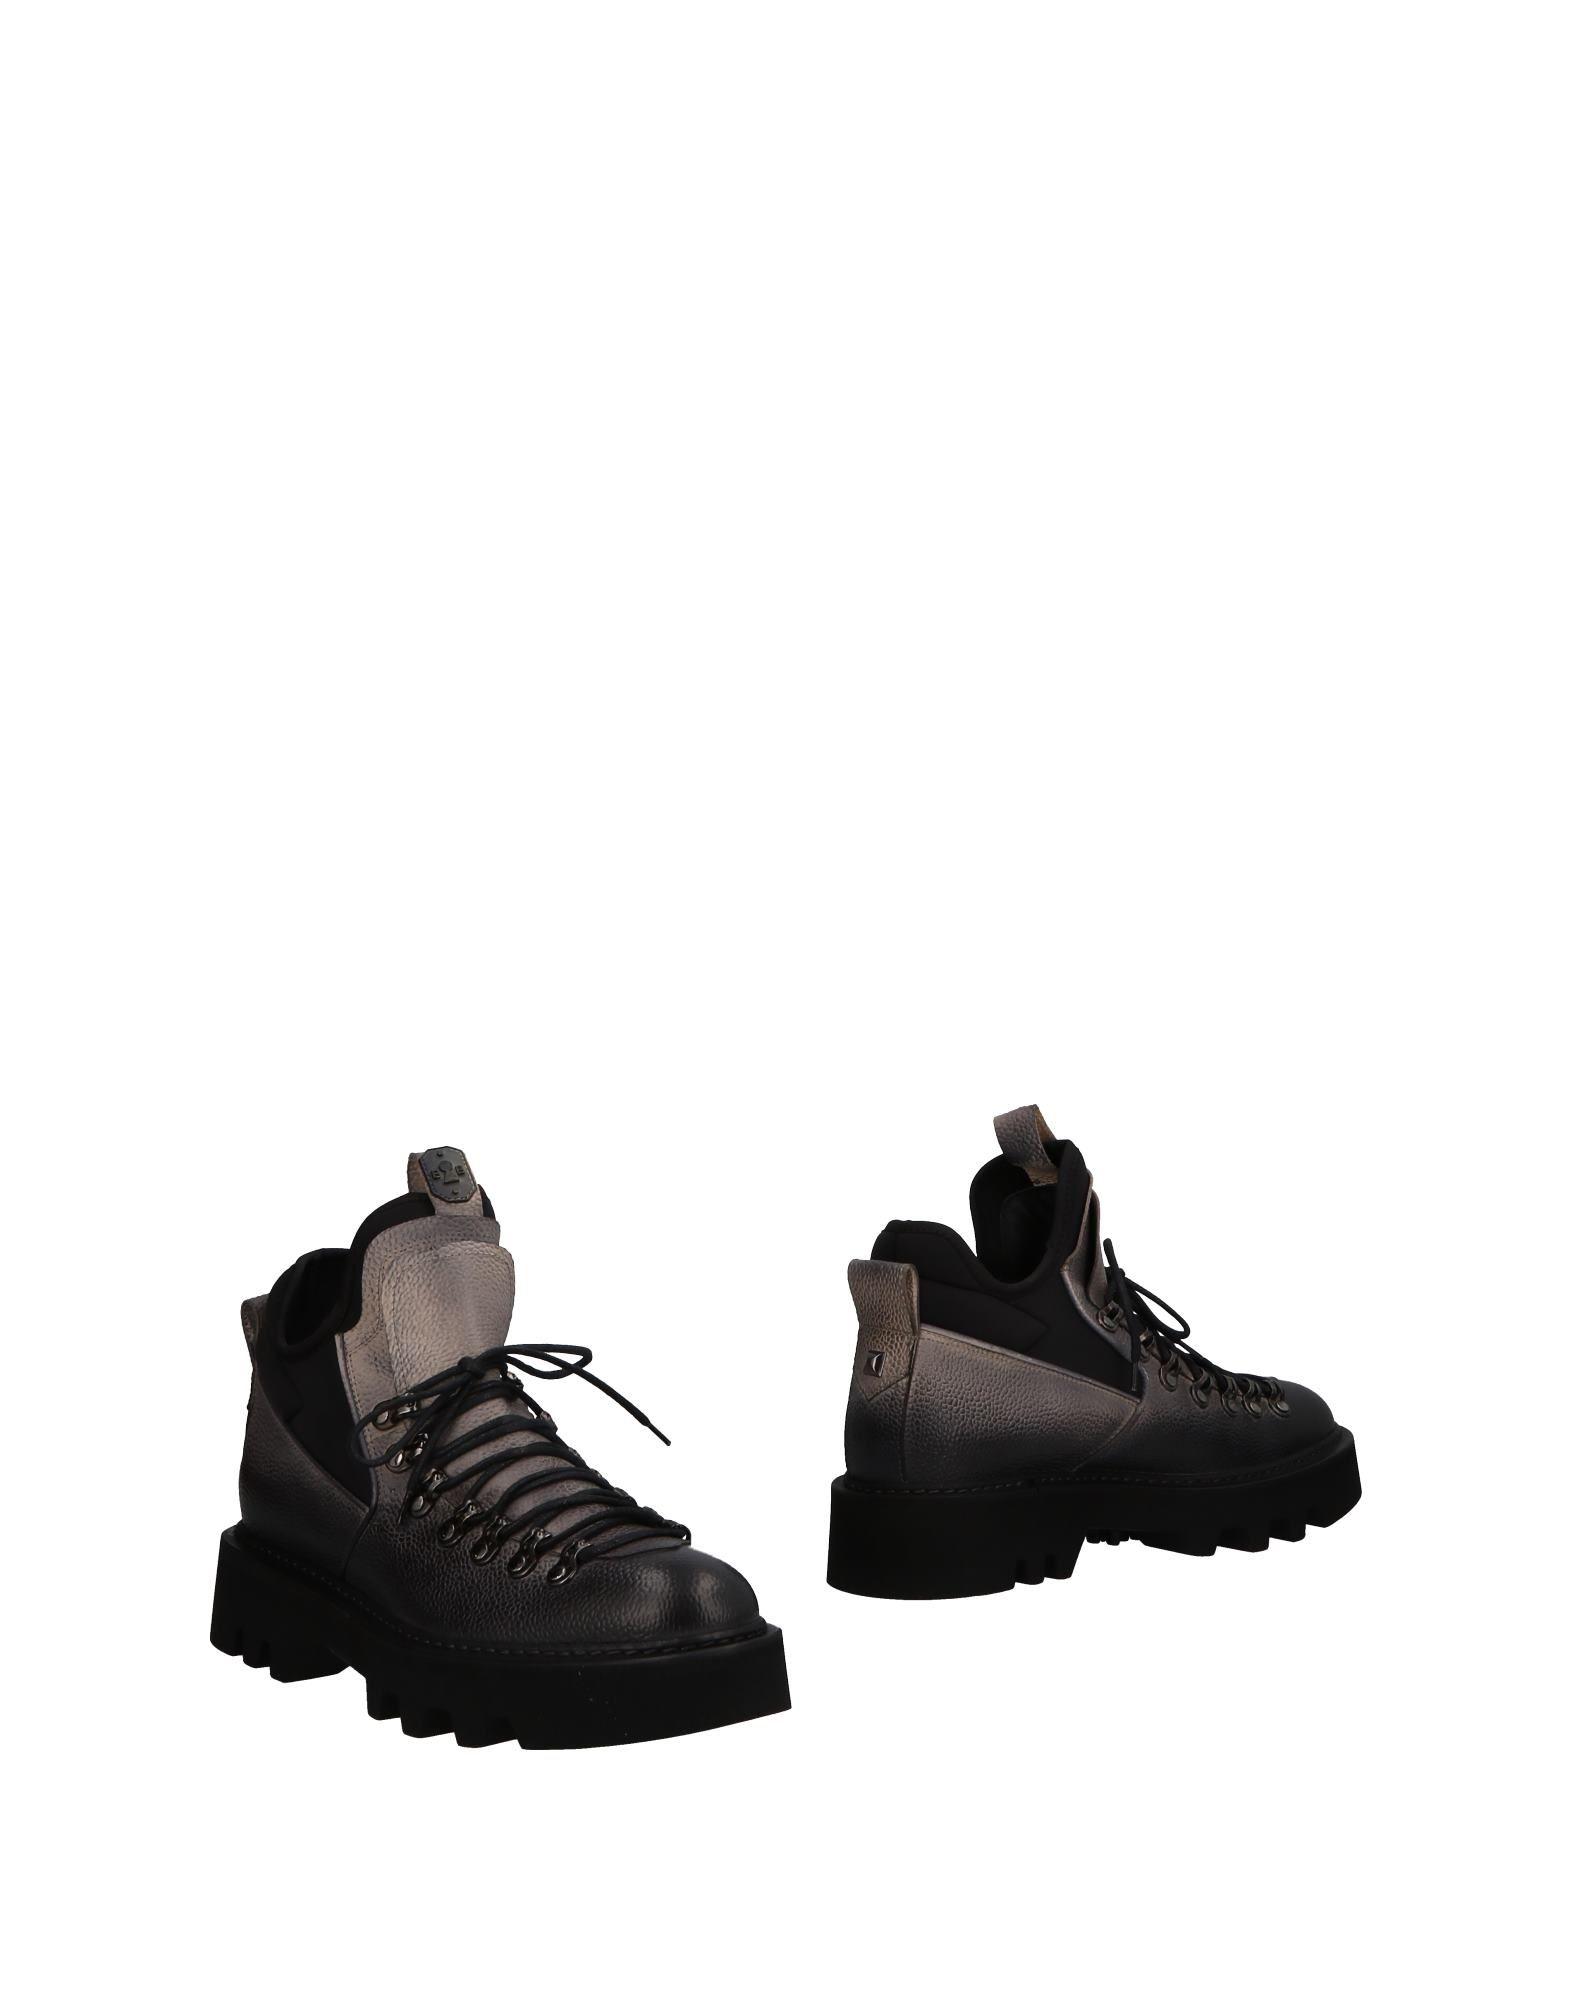 Bruno 11496765DX Bordese Stiefelette Herren  11496765DX Bruno Gute Qualität beliebte Schuhe 63d25f